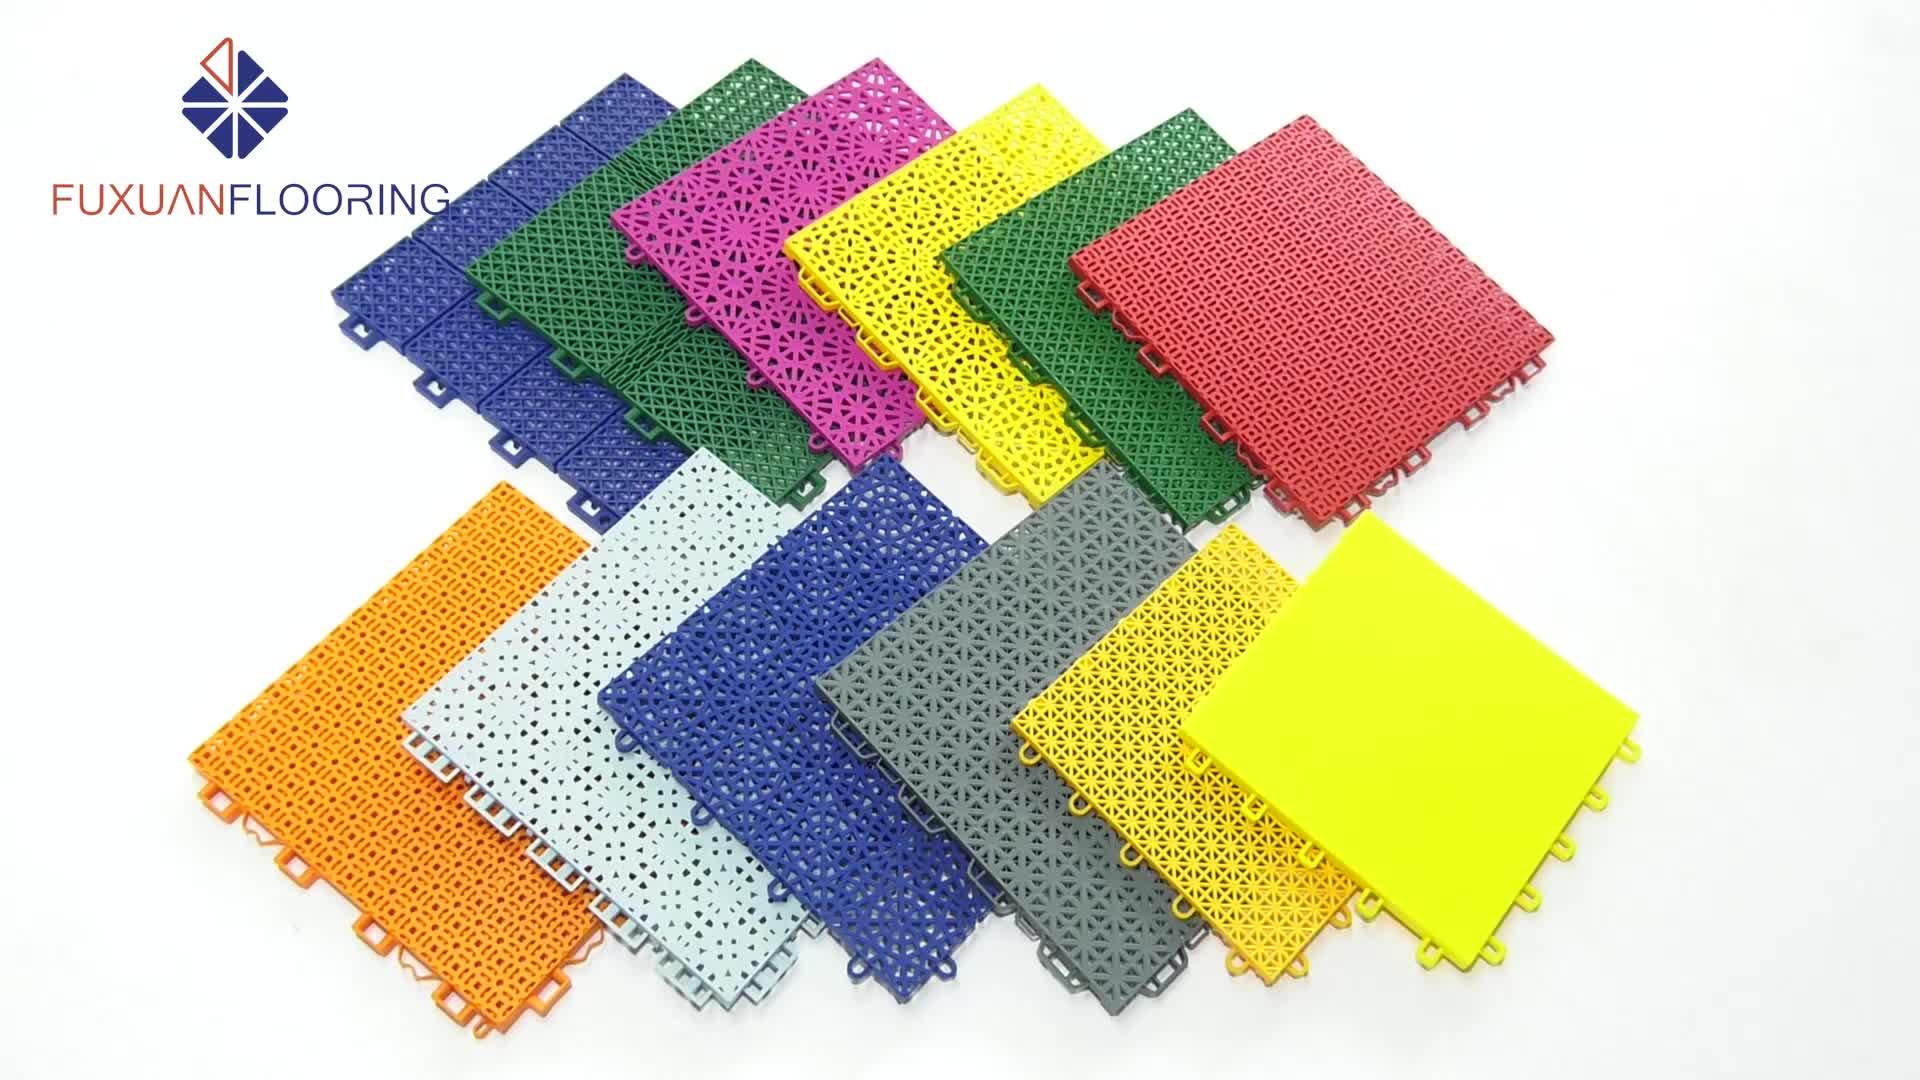 Outdoor sports floor tiles interlocking outdoor flooring tiles